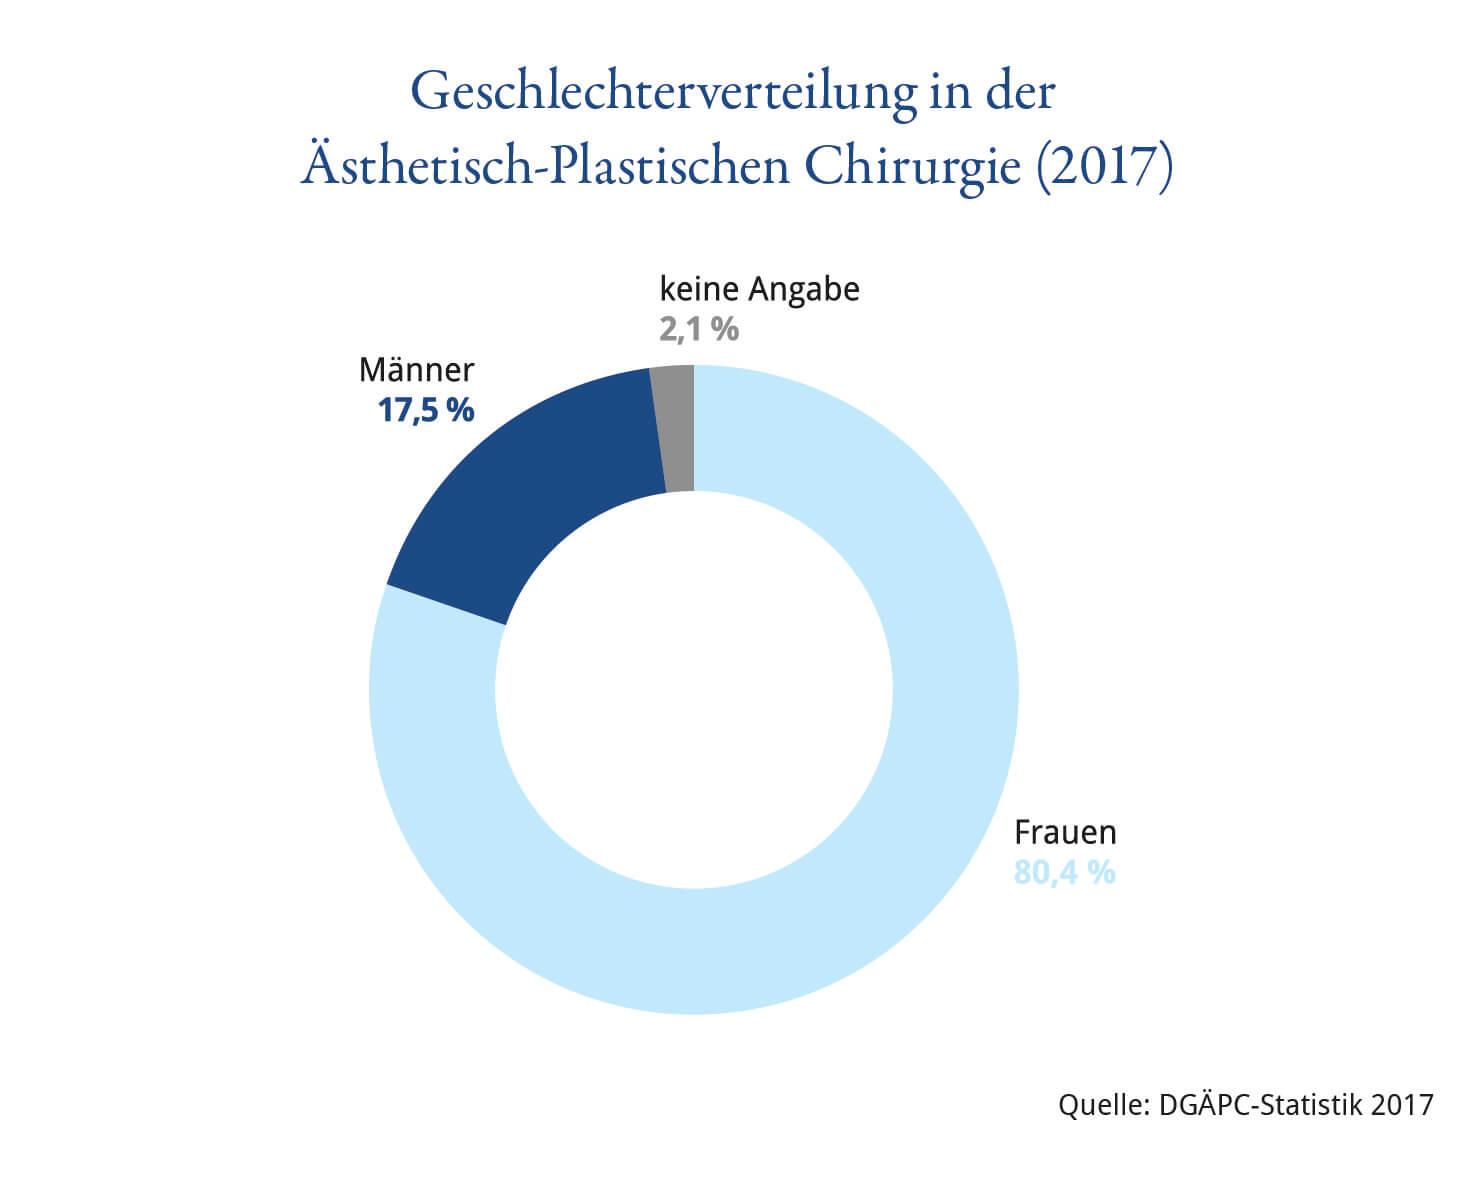 Geschlechterverteilung der Patienten in der Ästhetisch-Plastischen Chirurgie 2017